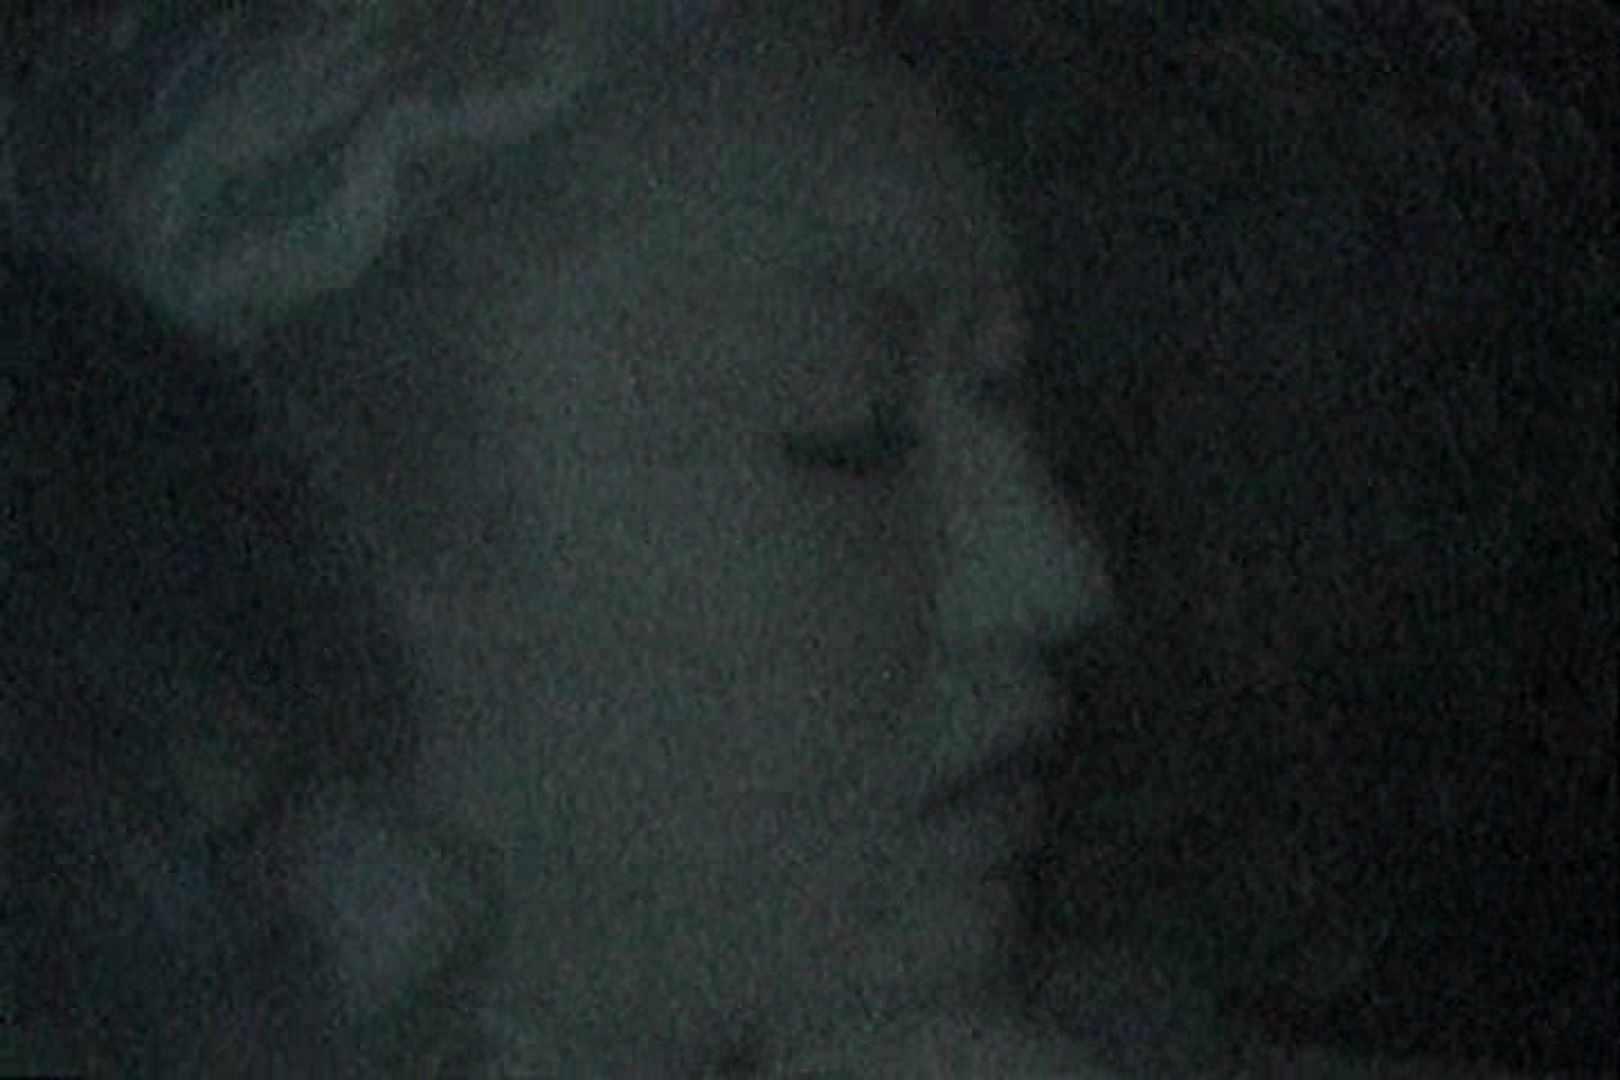 充血監督の深夜の運動会Vol.139 OL女体 覗きおまんこ画像 87連発 77